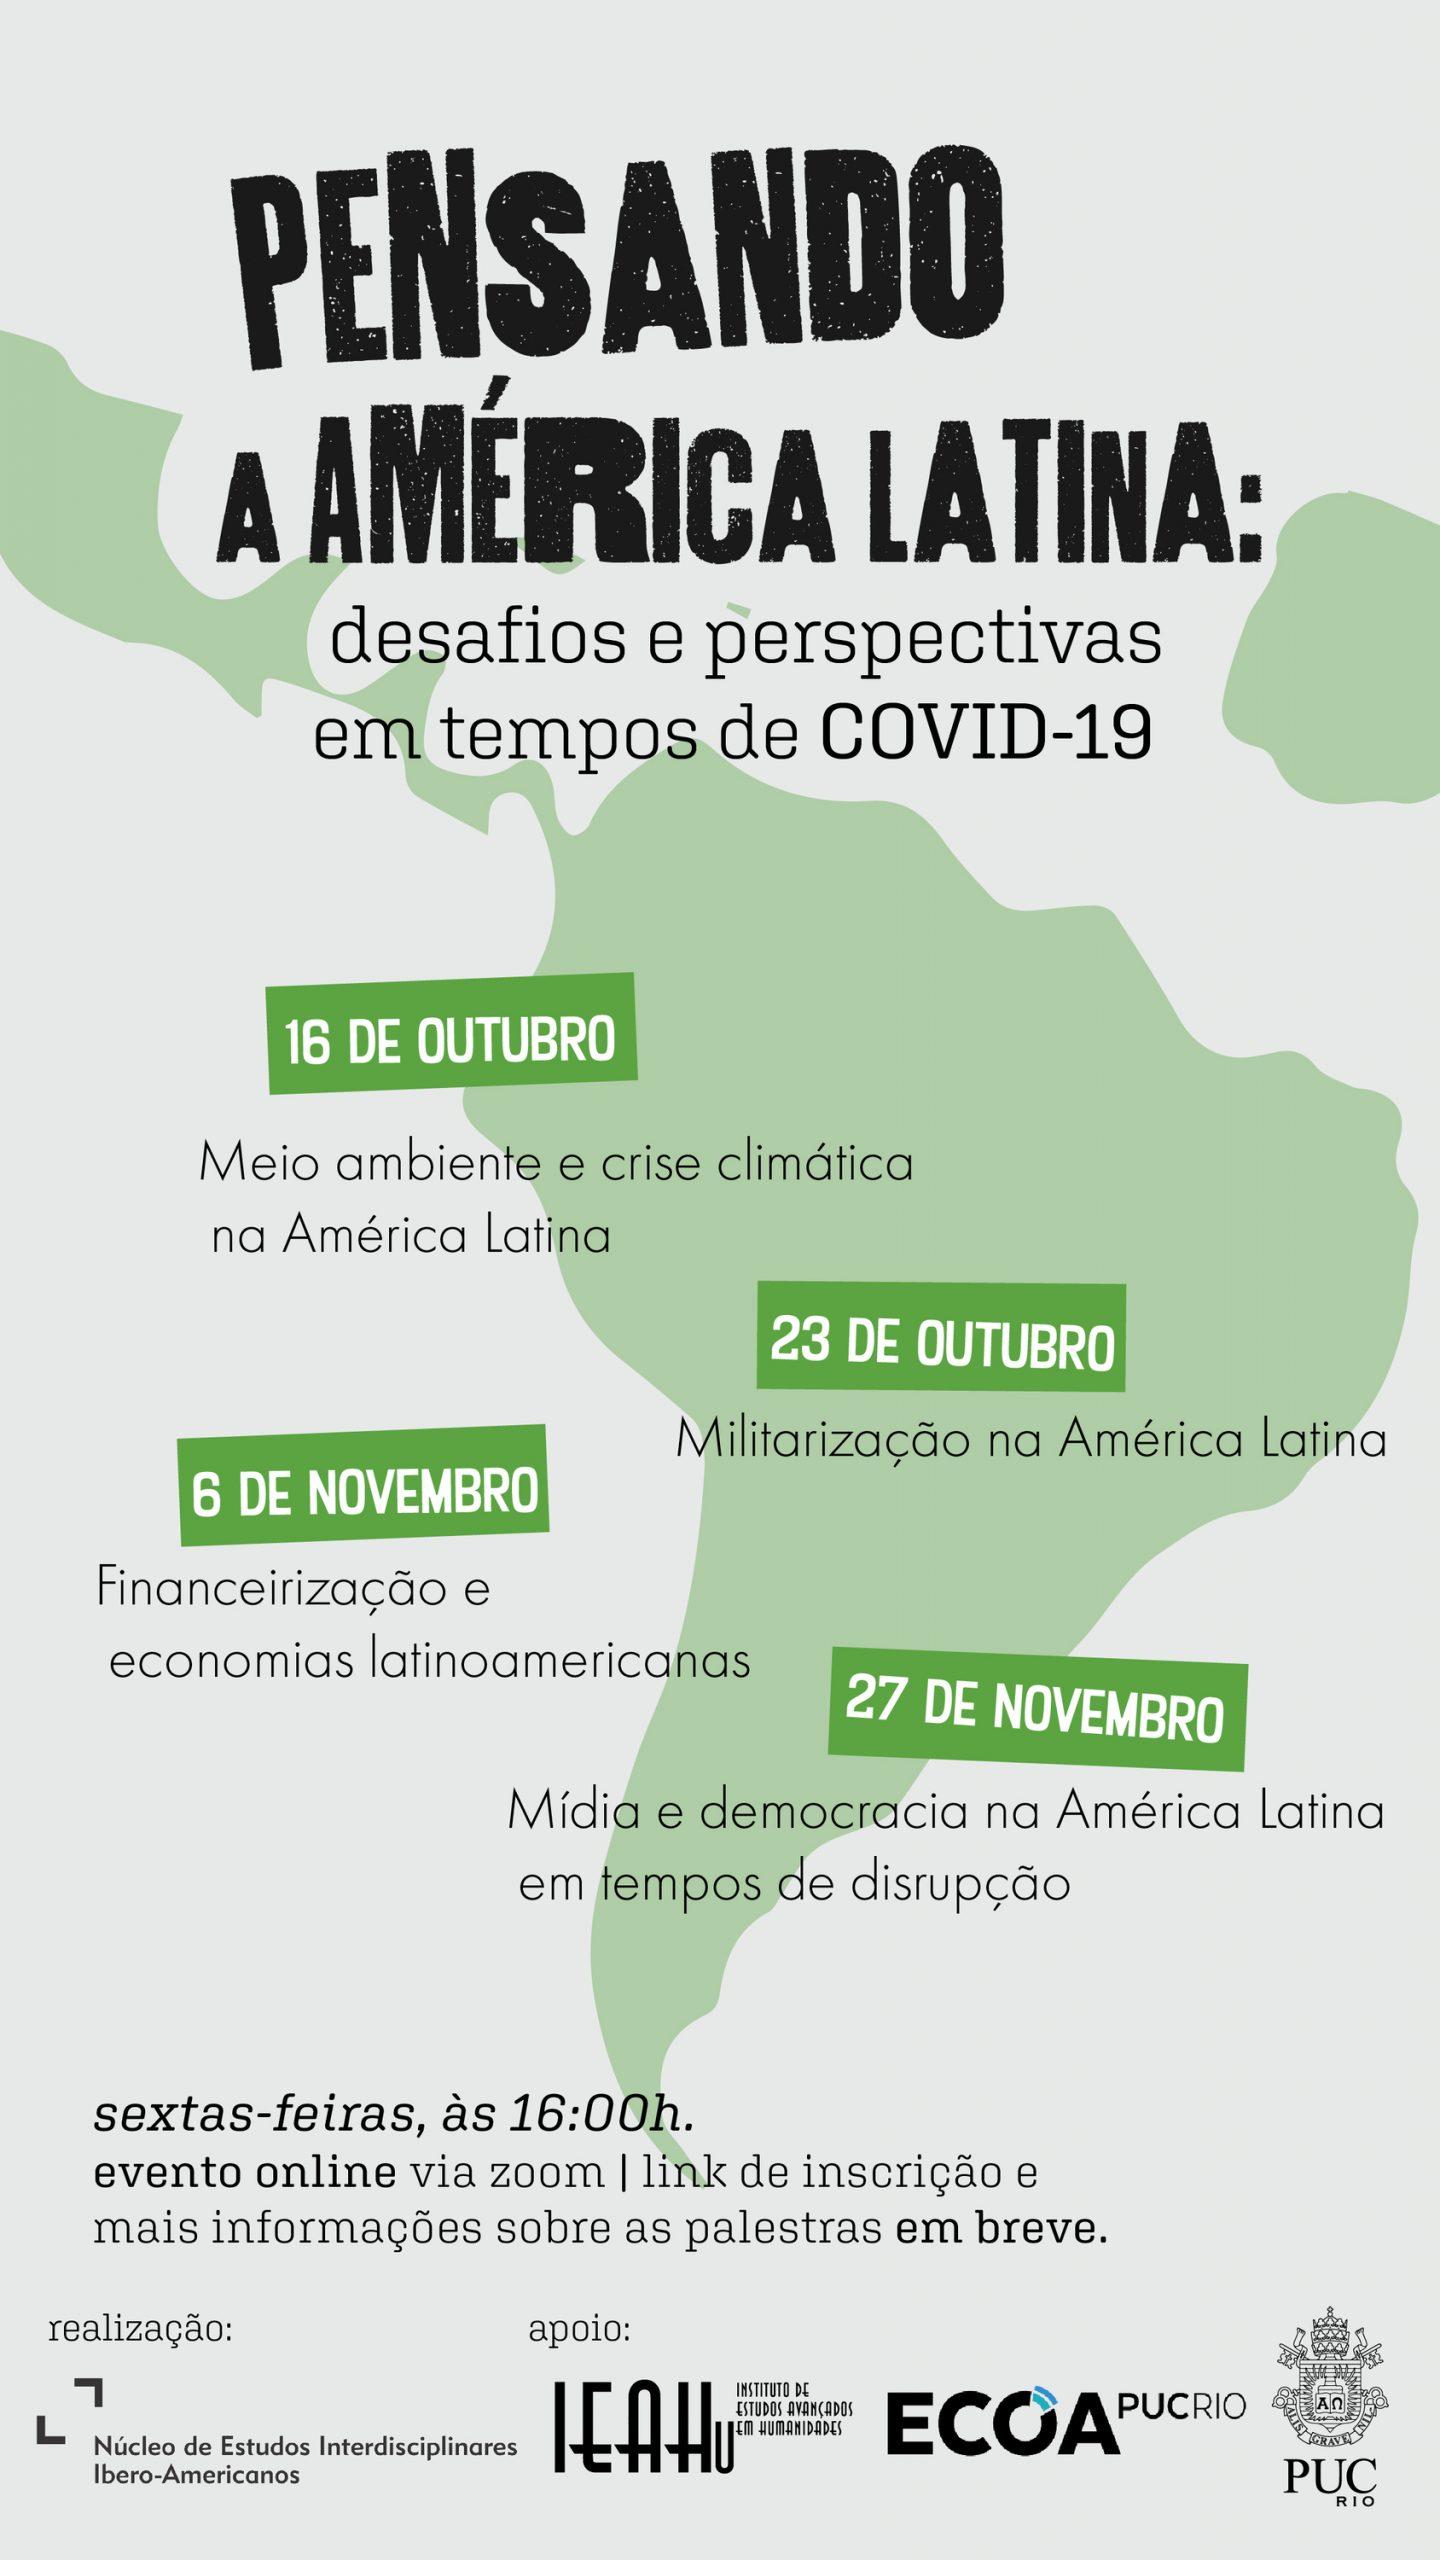 Pensando a América Latina: Desafios e Perspectivas em tempos de COVID-19